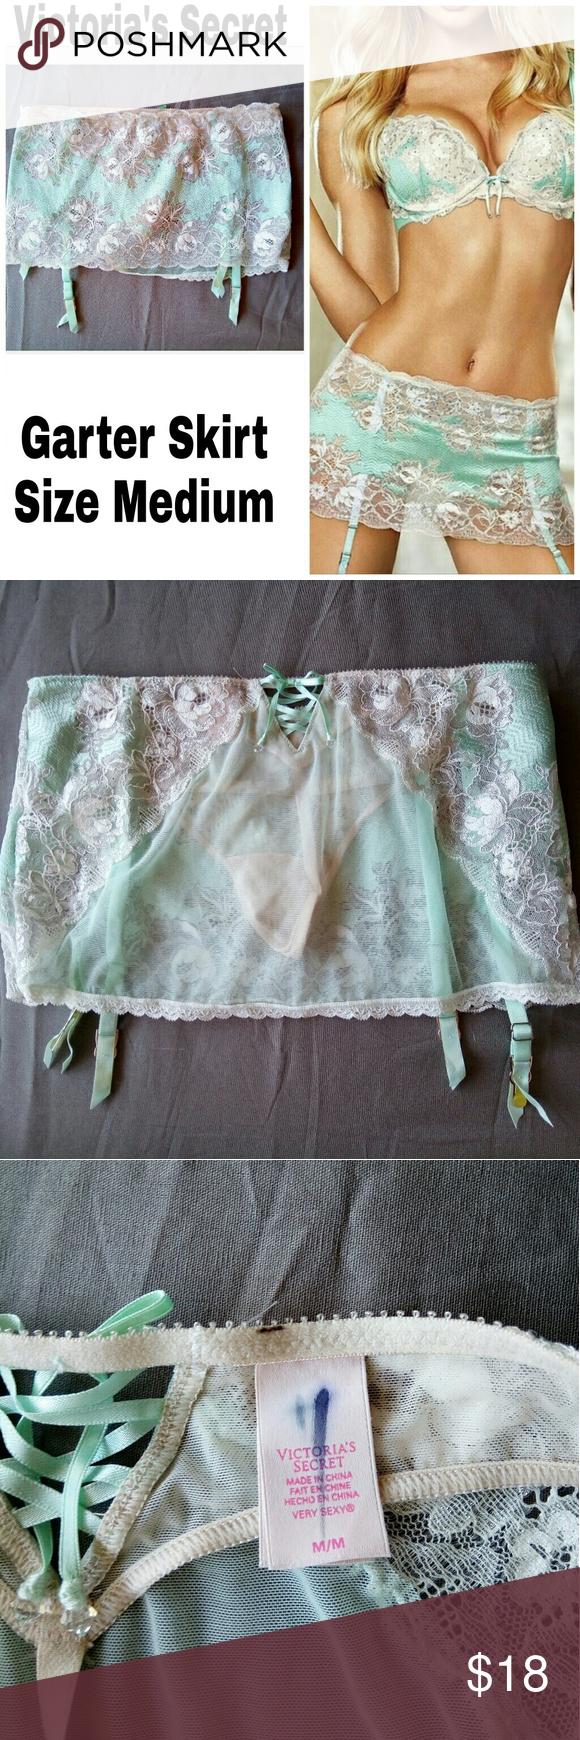 76f0a62b8 NWOT Victoria s Secret Garter Skirt Mint Panties Mint green teal pastel  white lace garter skirt belt